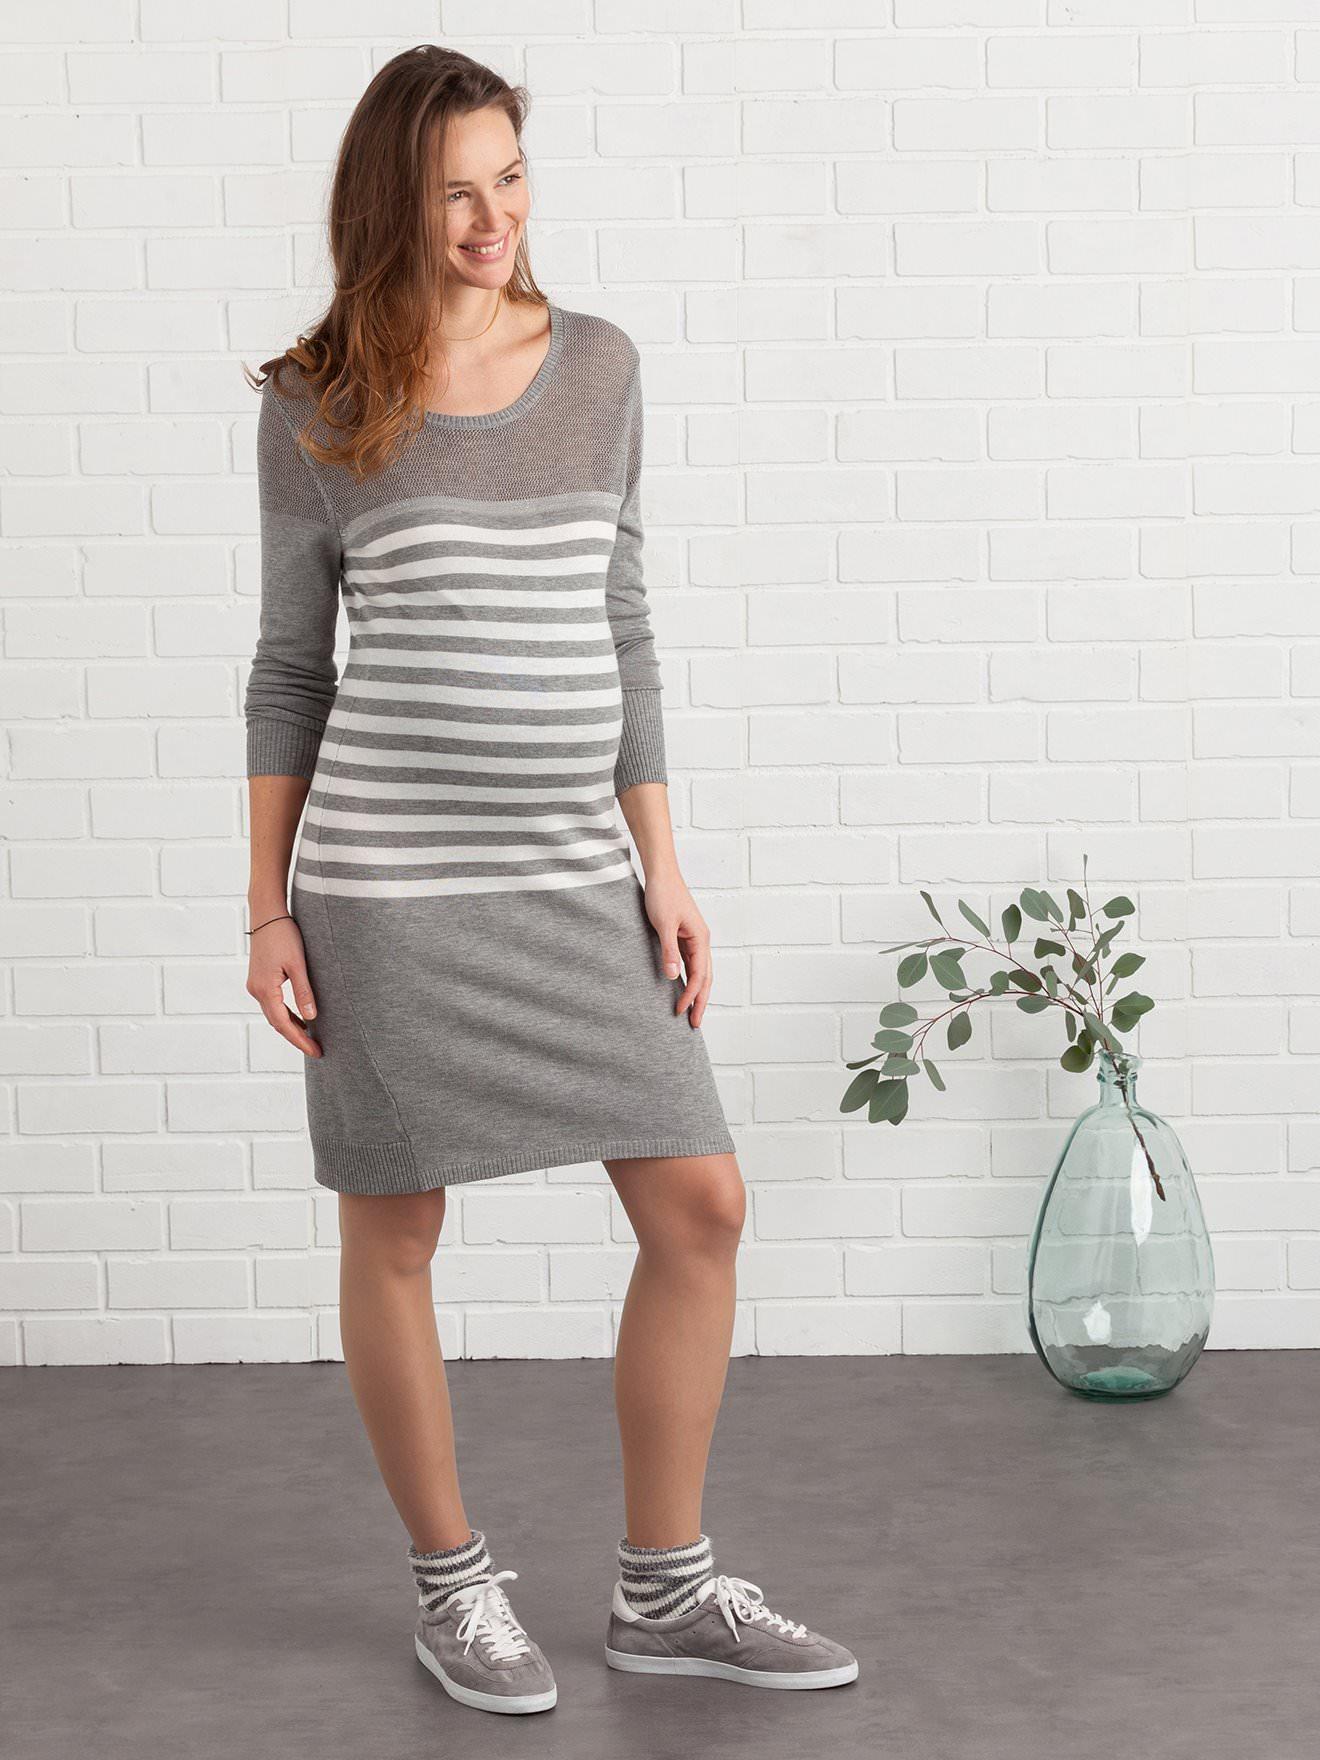 Jusqu'à 70% de réduction sur une sélection d'articles - Ex: Robe pull en tricot de grossesse - gris rayé